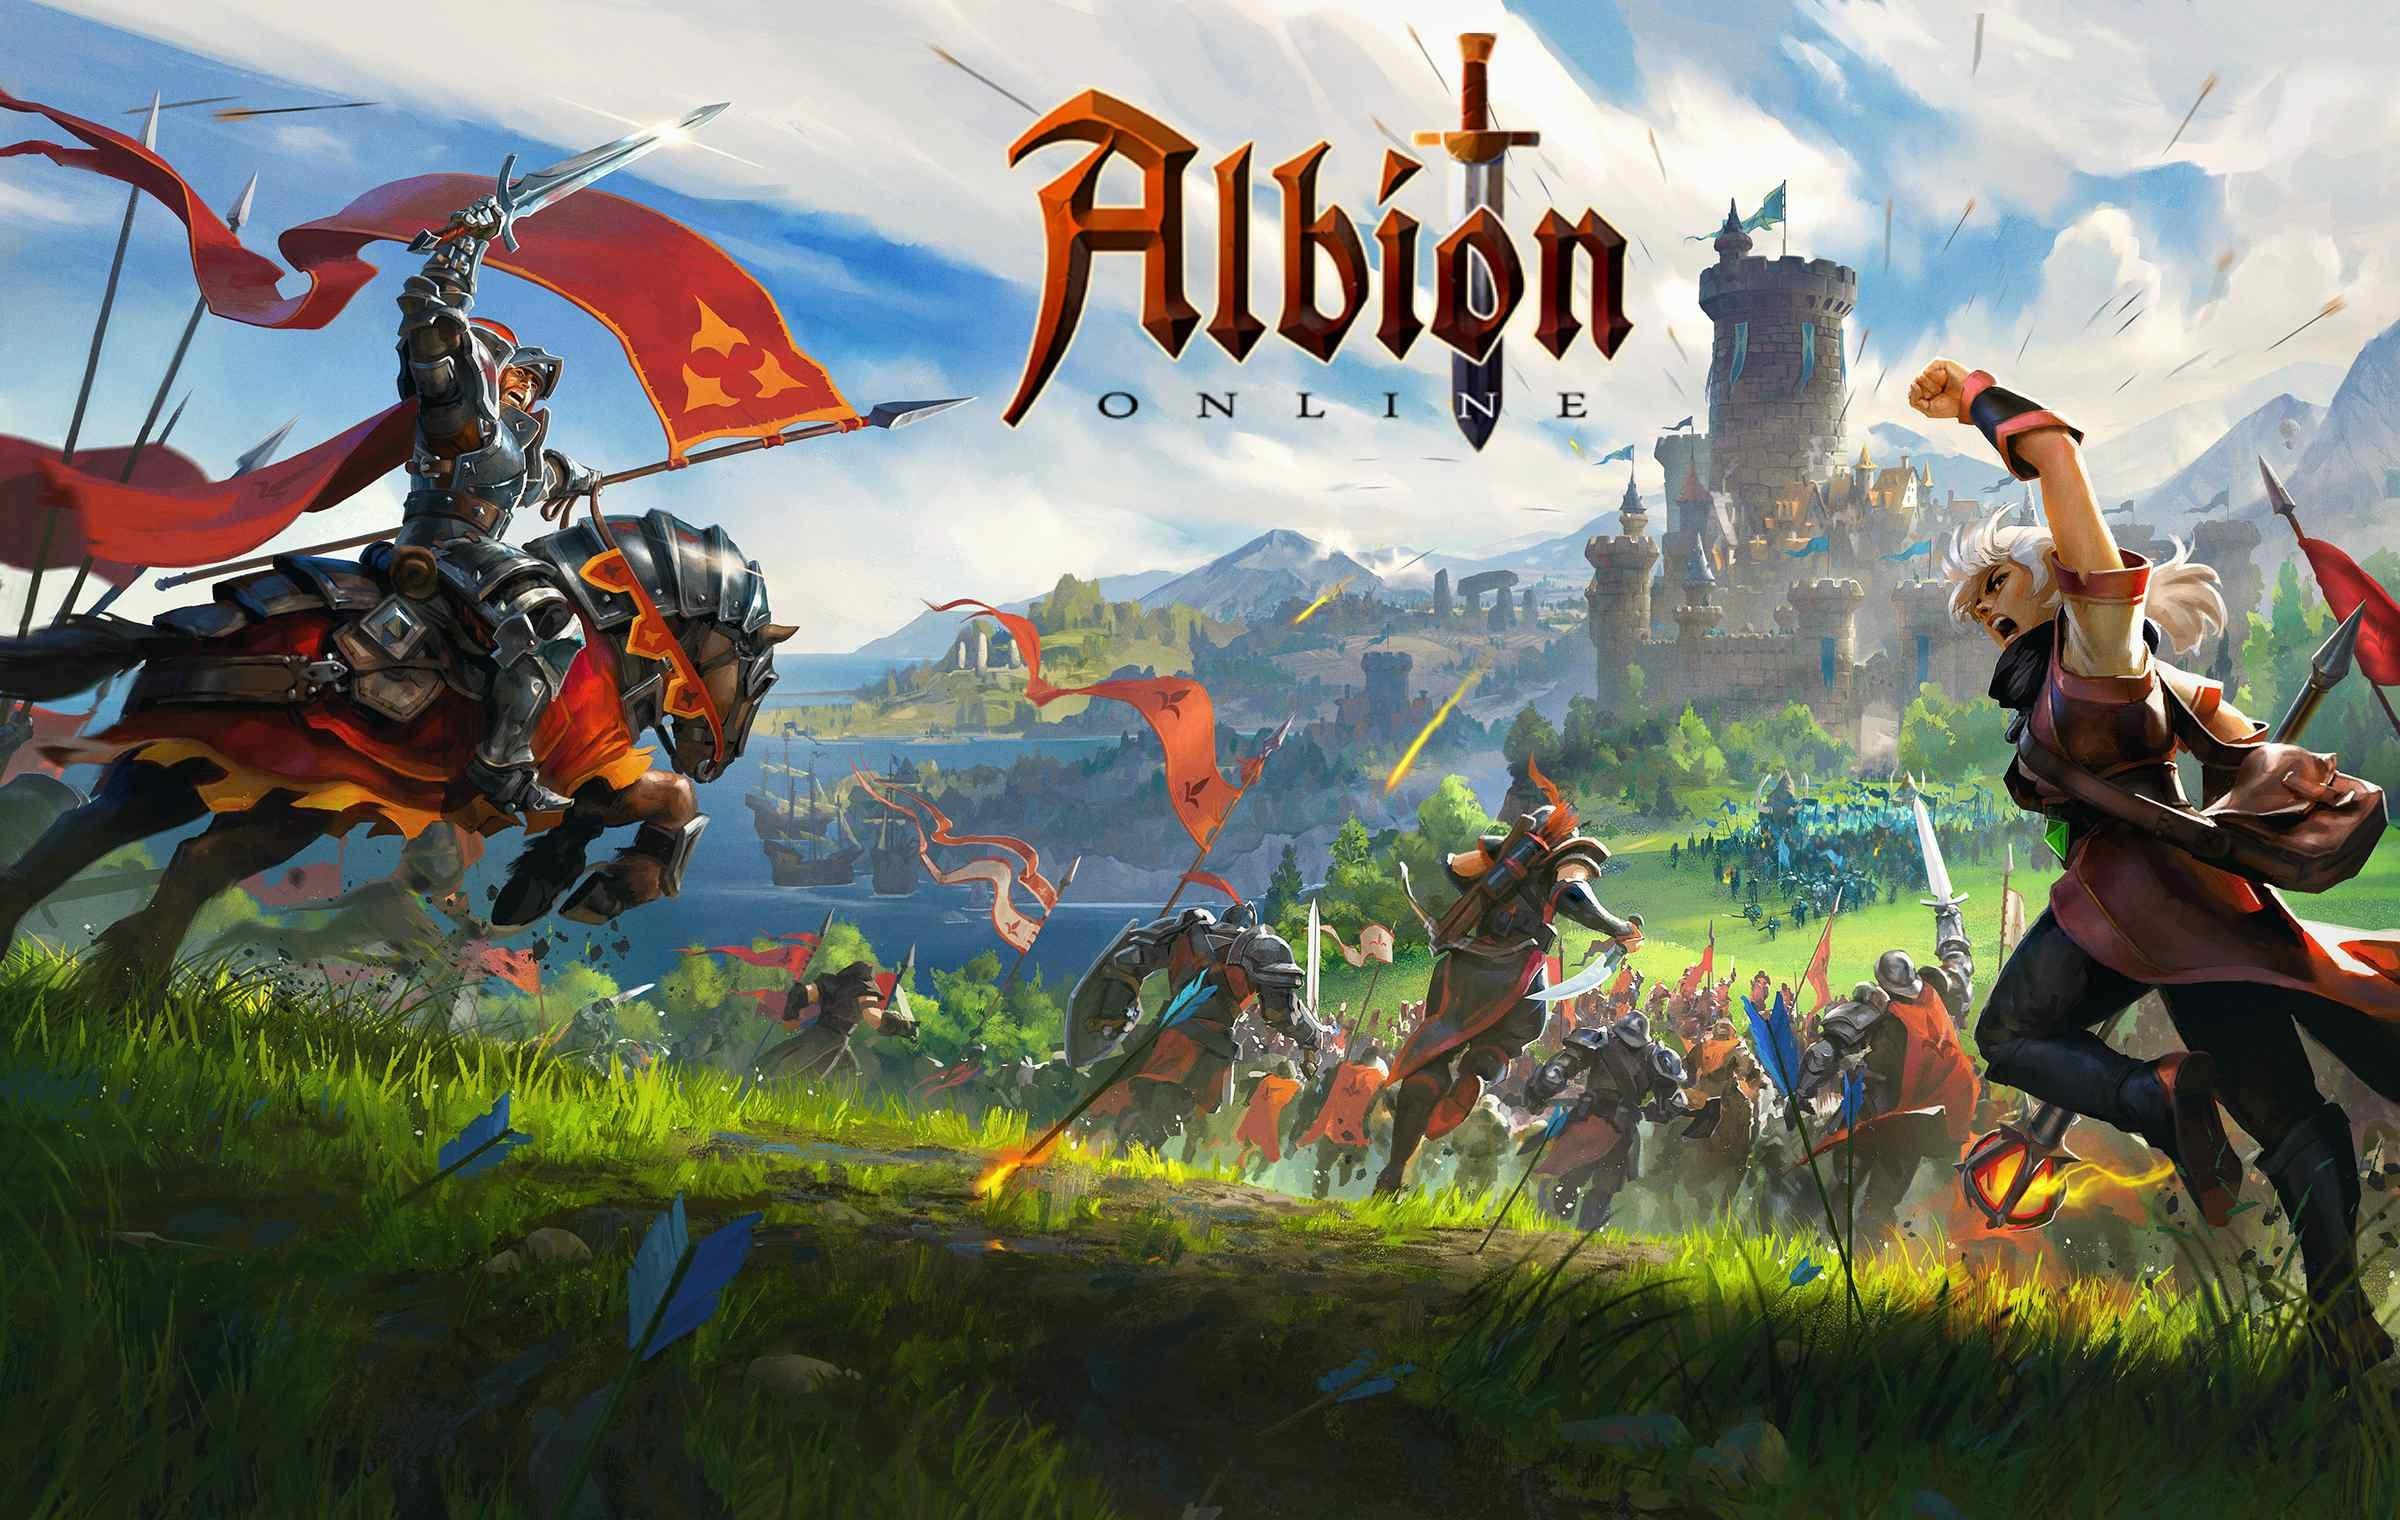 معرفی بازی Albion Online؛ سفر به سرزمین جنگ و جادو